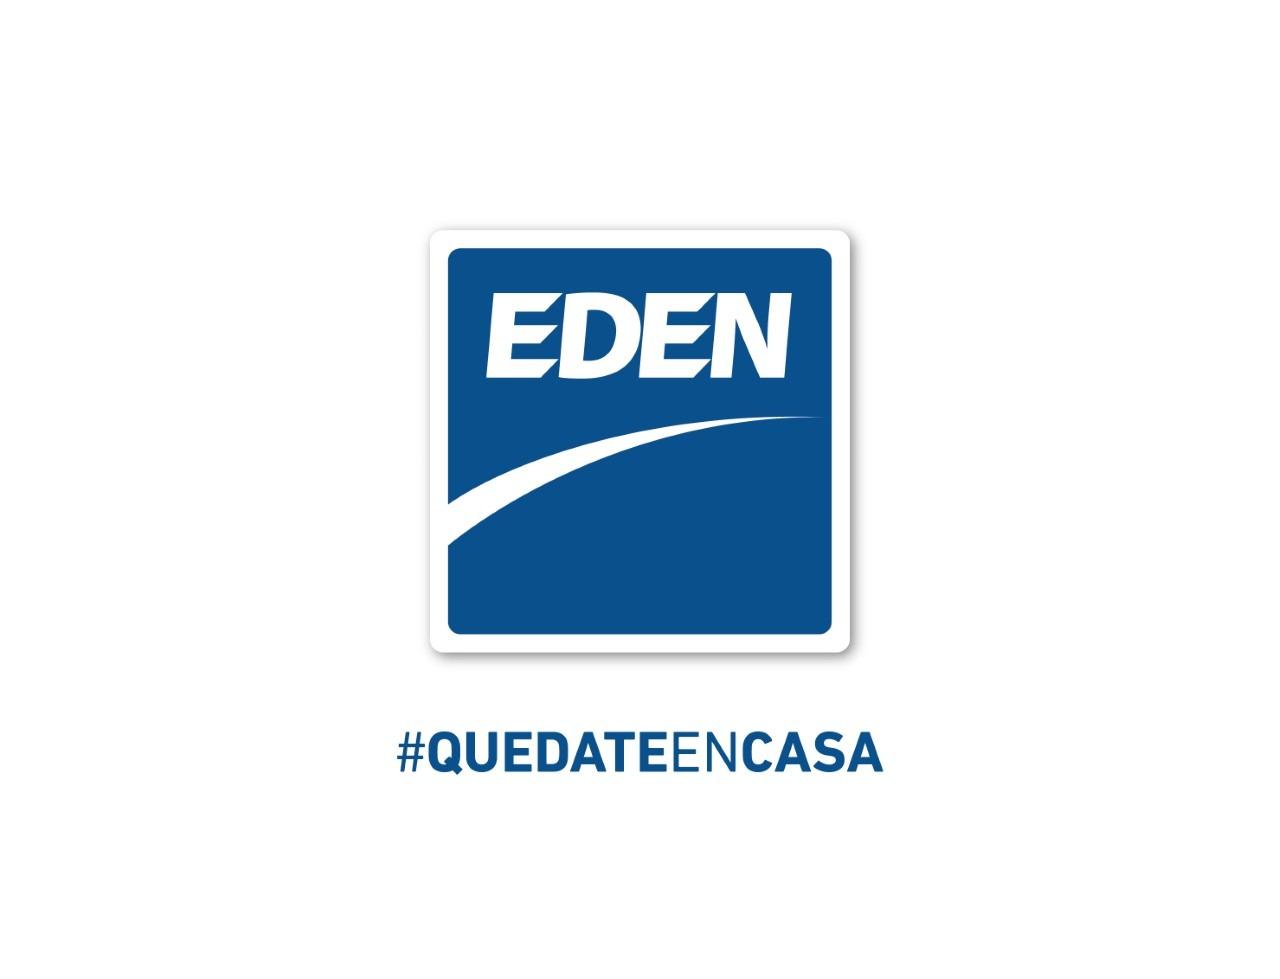 Adherite  a la factura digital EDEN y obtené más beneficios